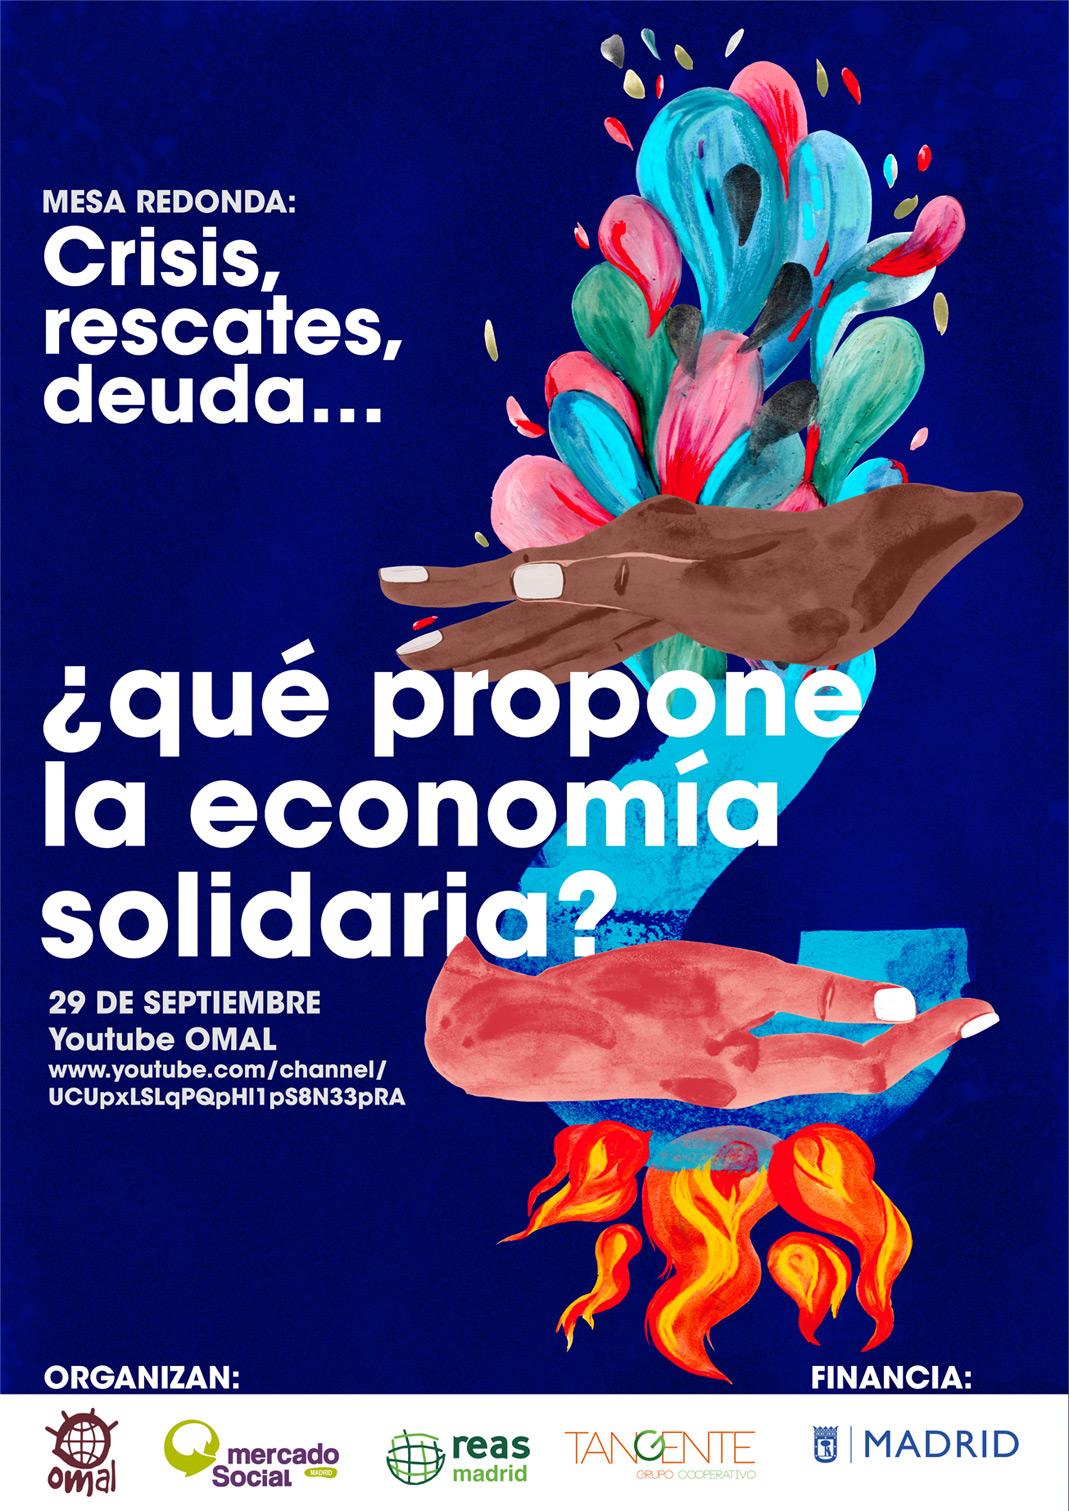 ¿Qué propone la economía solidaria?